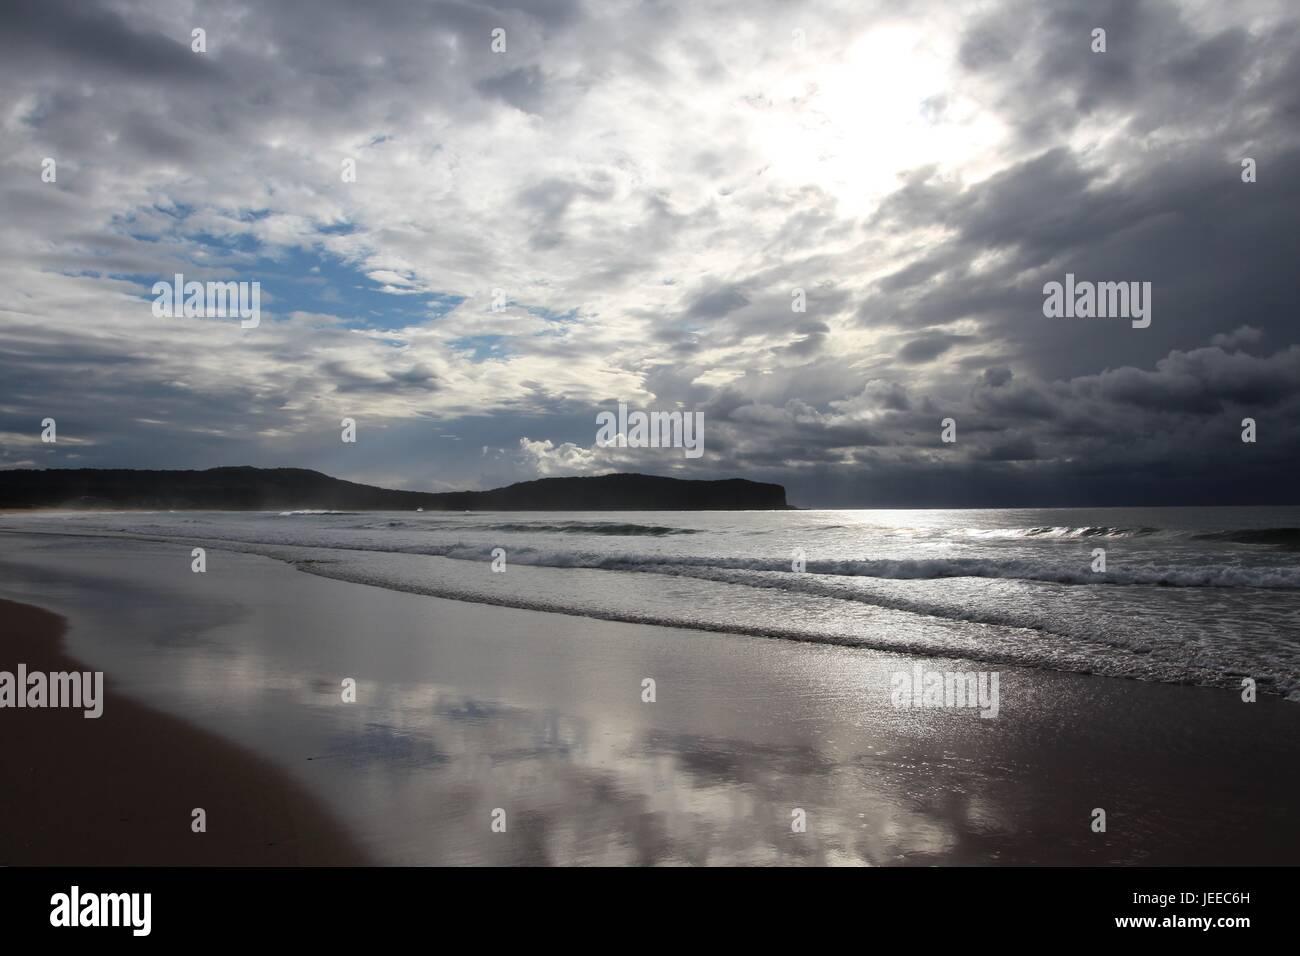 Regnerischen Tag an einem Strand in Australien Stockbild